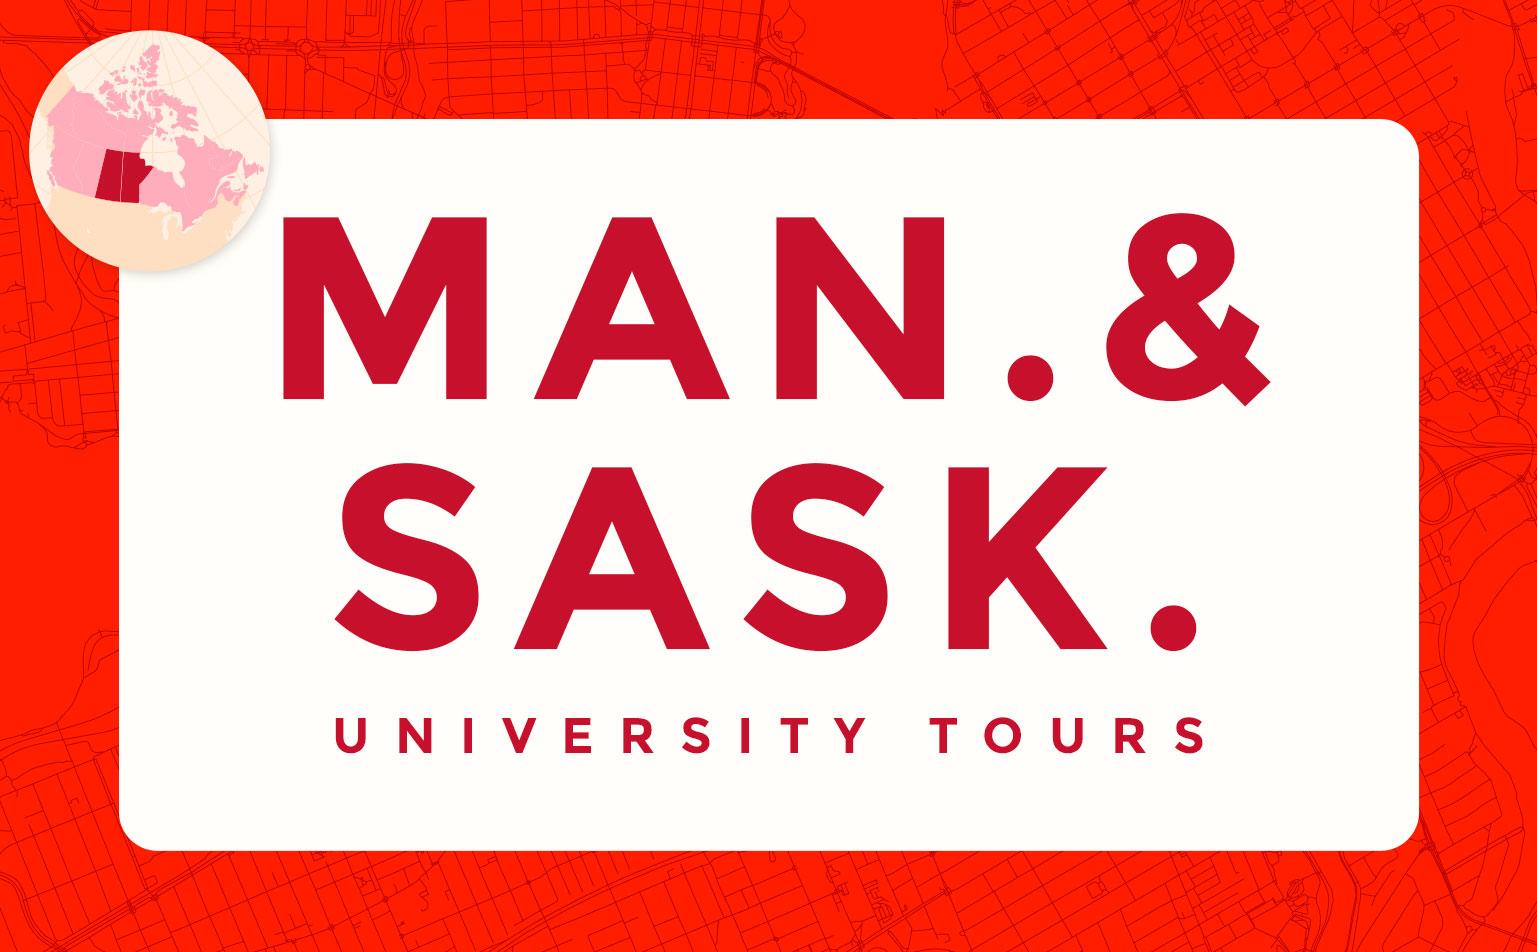 virtual campus university tours in Saskatchewan and Manitoba